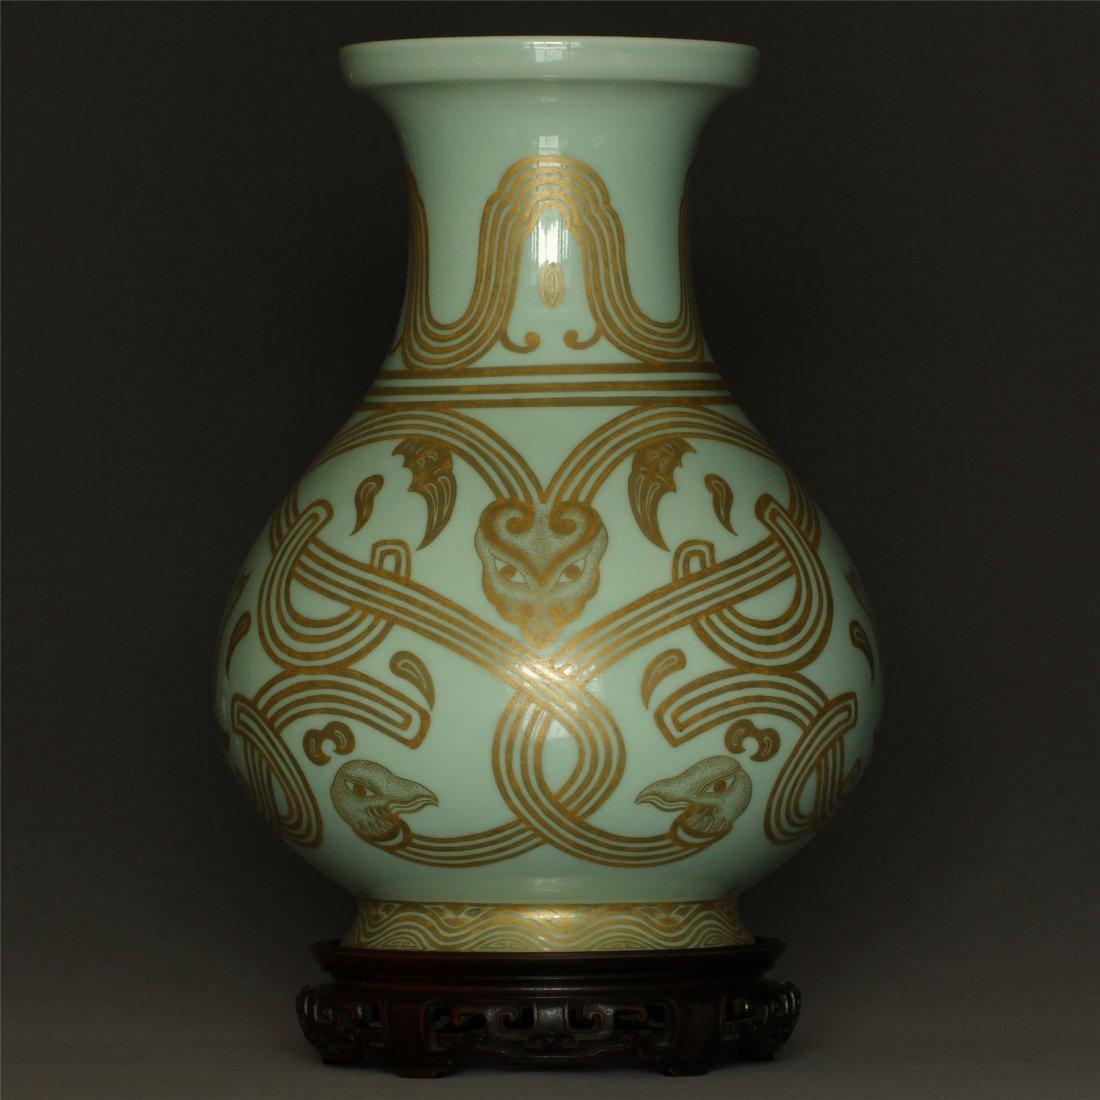 Green glaze gilt porcelain vase of Qing Dynasty